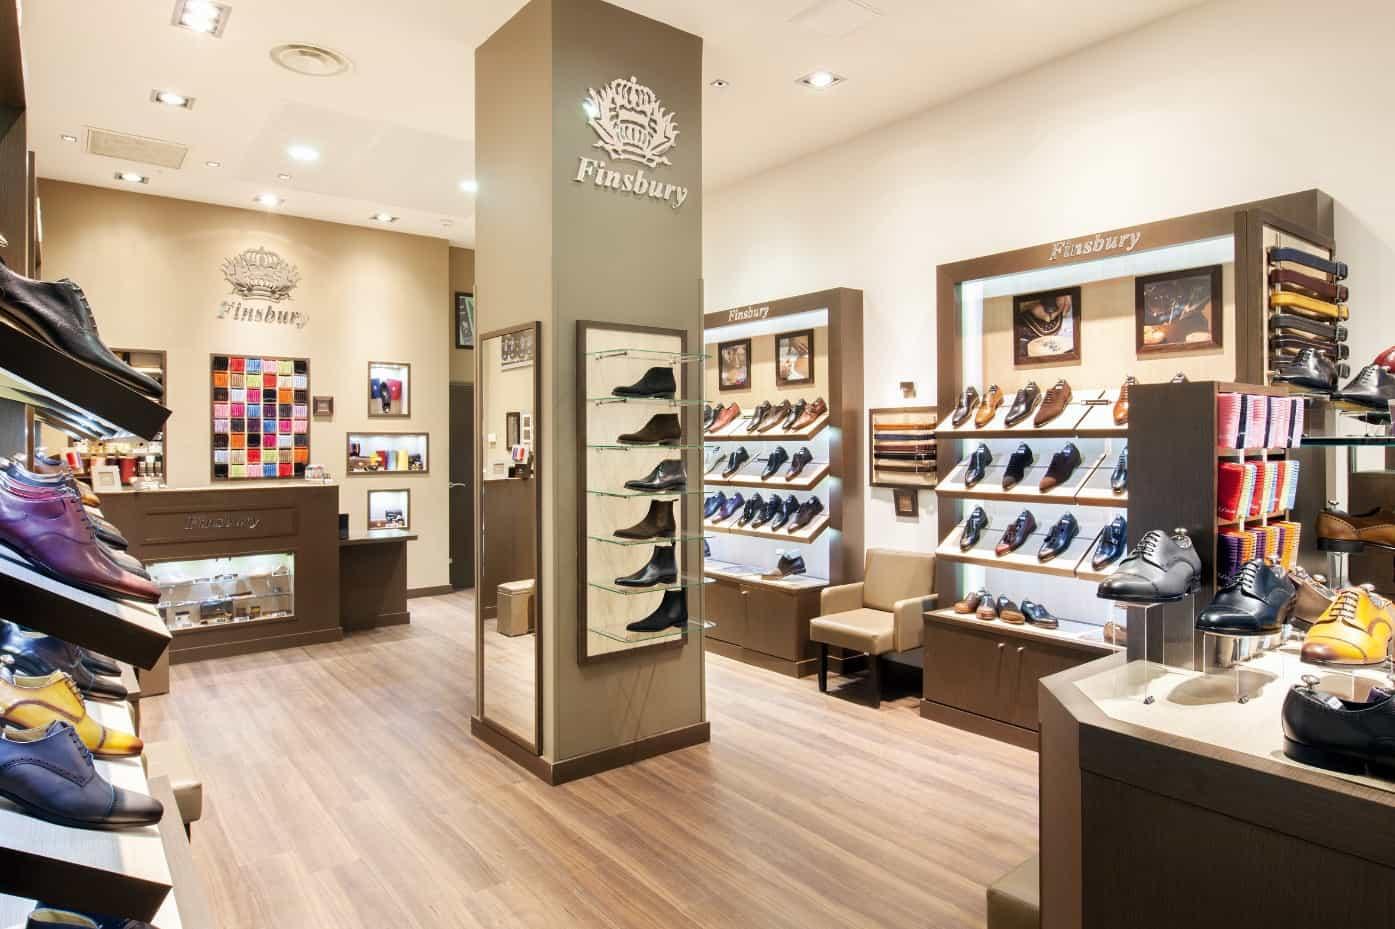 Finsbury Magasin Pour Gamme Haut Homme Chaussures De Franchise vvqwrzZ